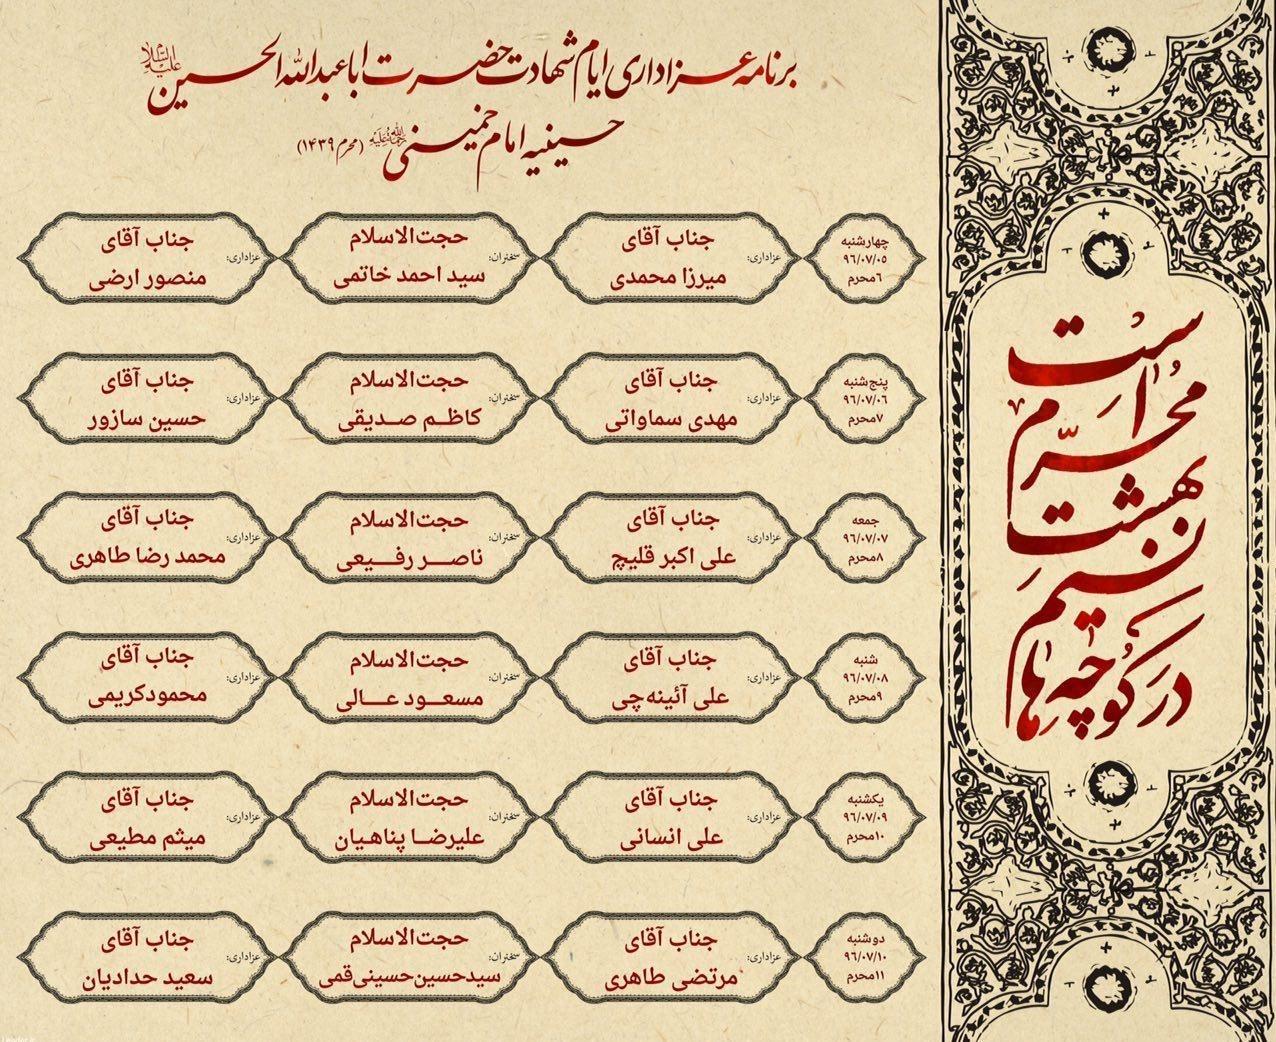 برنامه مراسم عزاداری محرم در حضور امام خامنهای + جزئیات